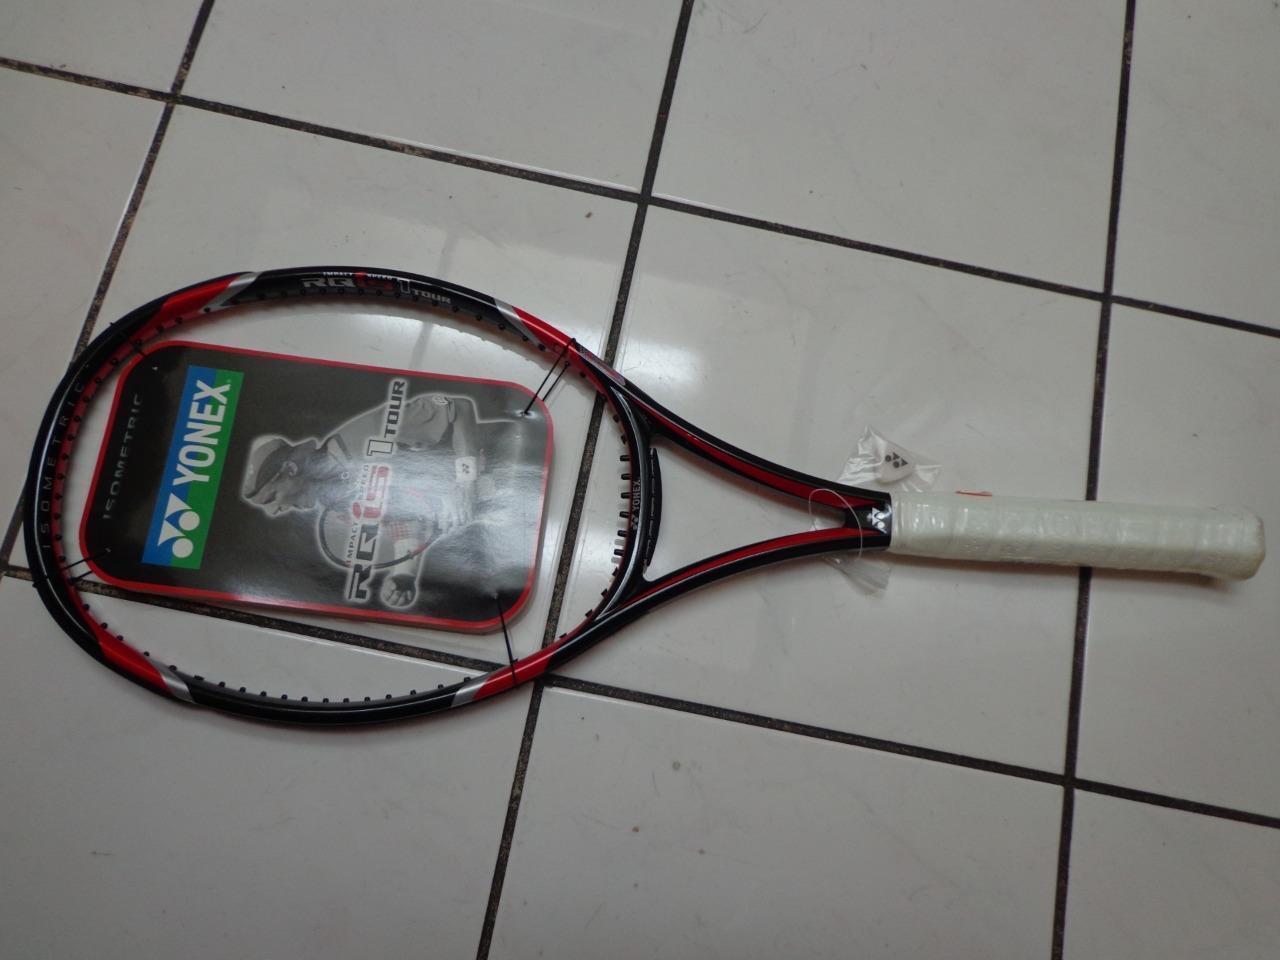 NEW Yonex RQ IS 1 Tour 95 head 16x18 4 5 8 grip 295 grams Tennis Racquet